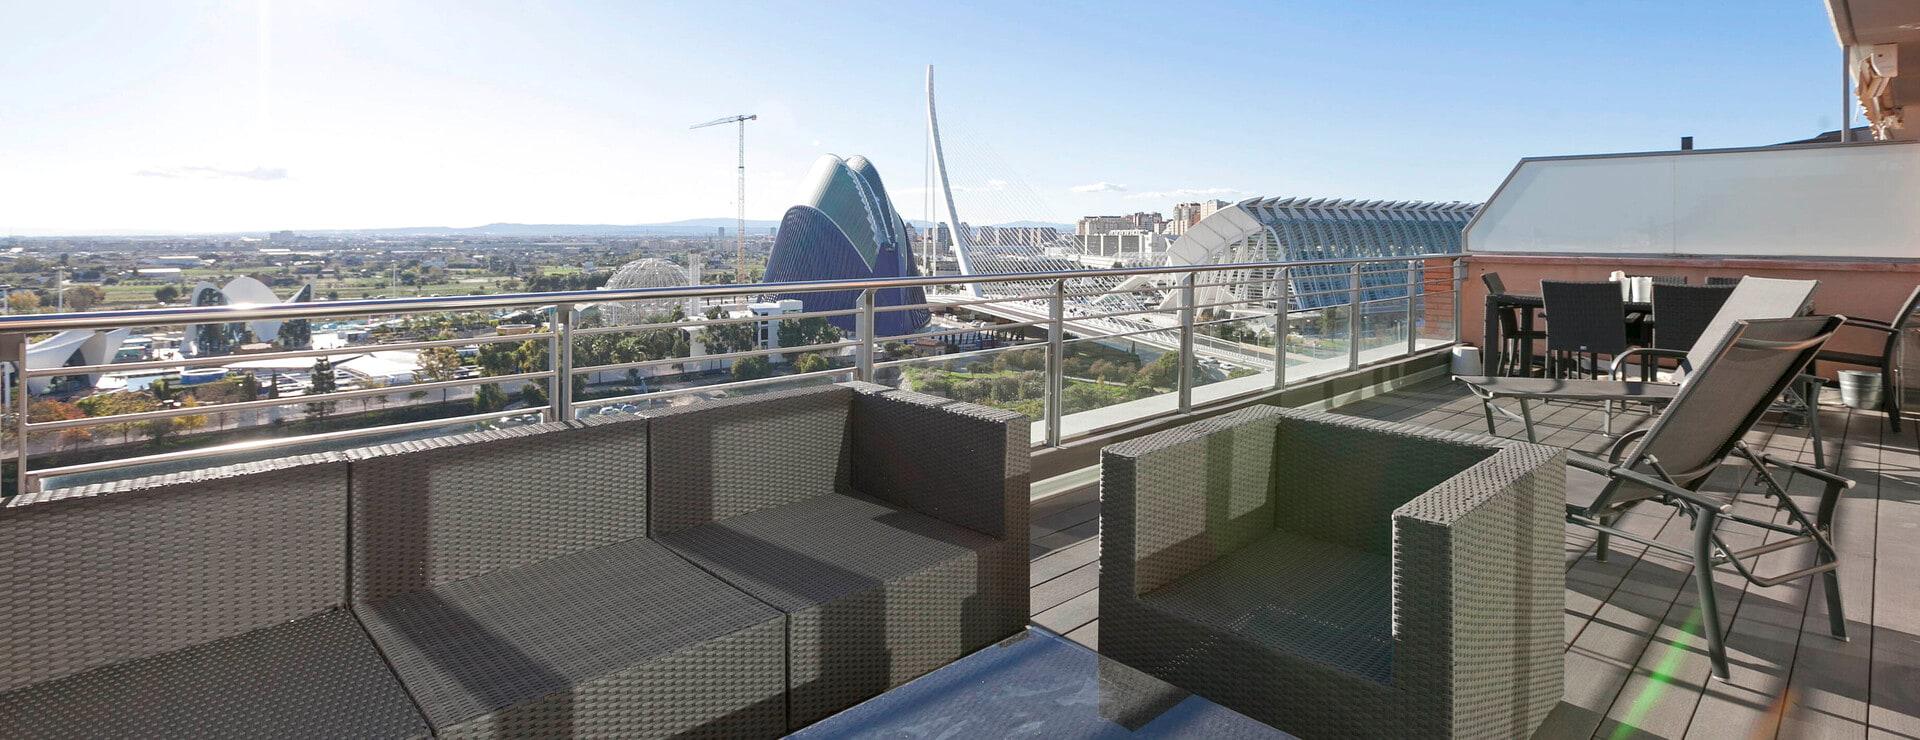 Terraza con vistas a la Ciudad de las Artes y las Ciencias